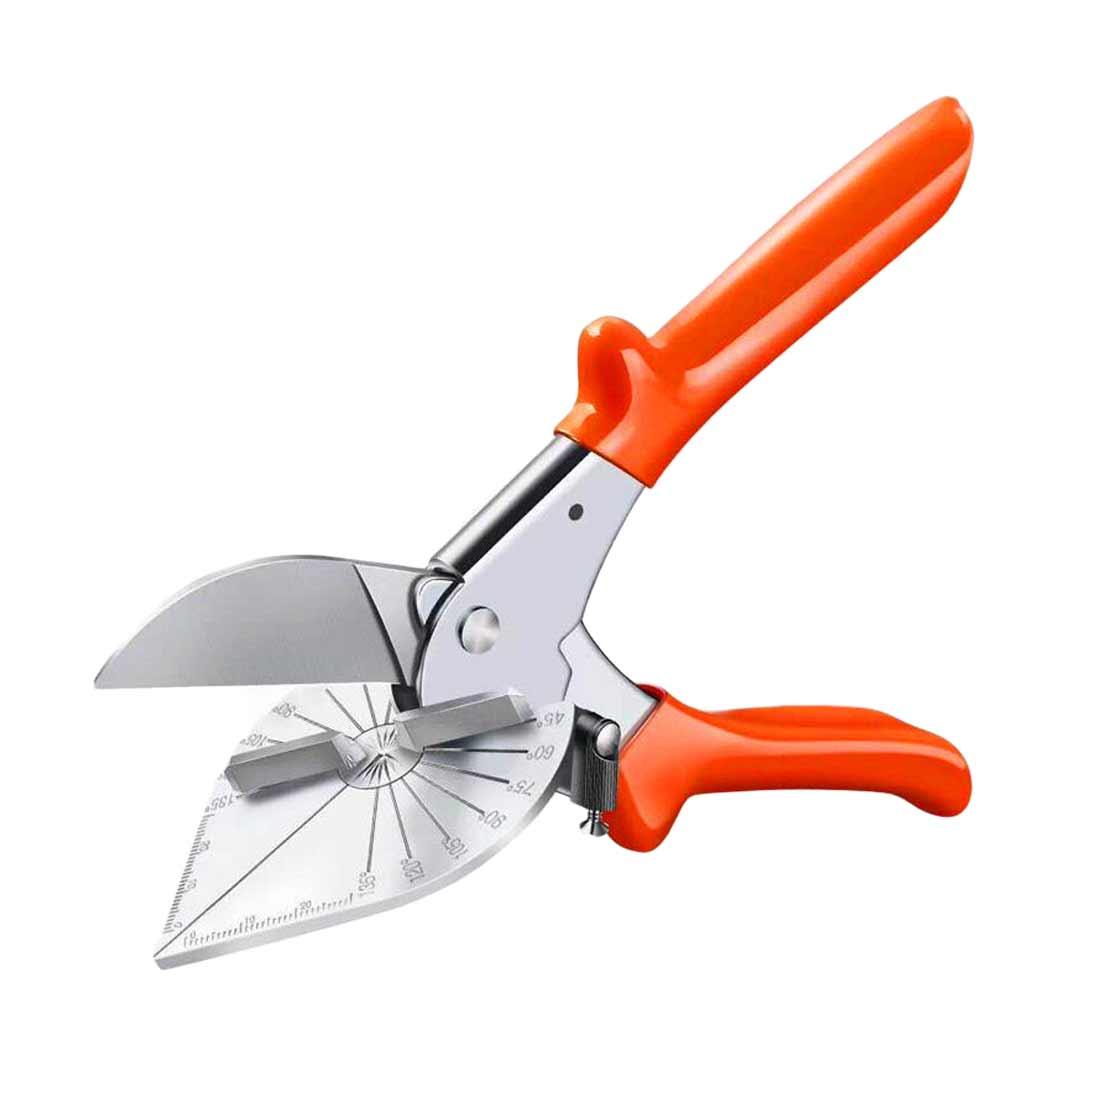 Многофункциональные Угловые ножницы, угловые ножницы 45 градусов 90 градусов, угловые ножницы для резки проволочного слота